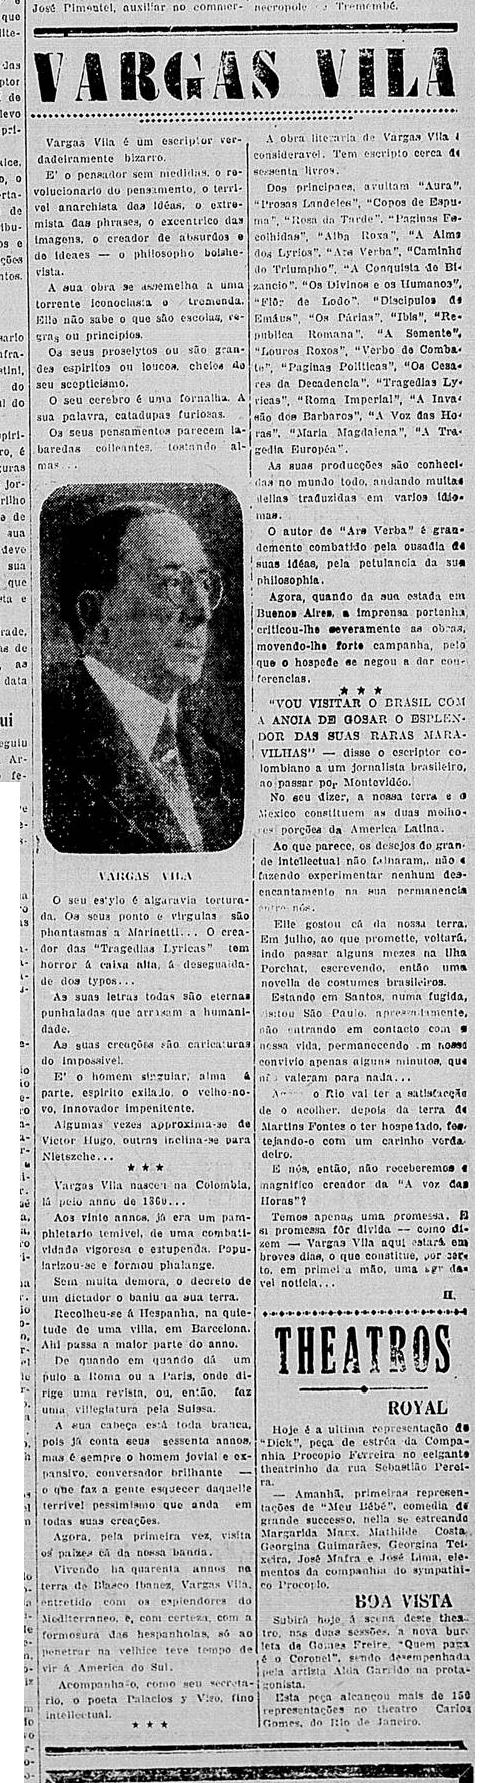 Matéria sobre a passagem de Vargas Vila em Santos, publicada no dia 20 de março de 1924.